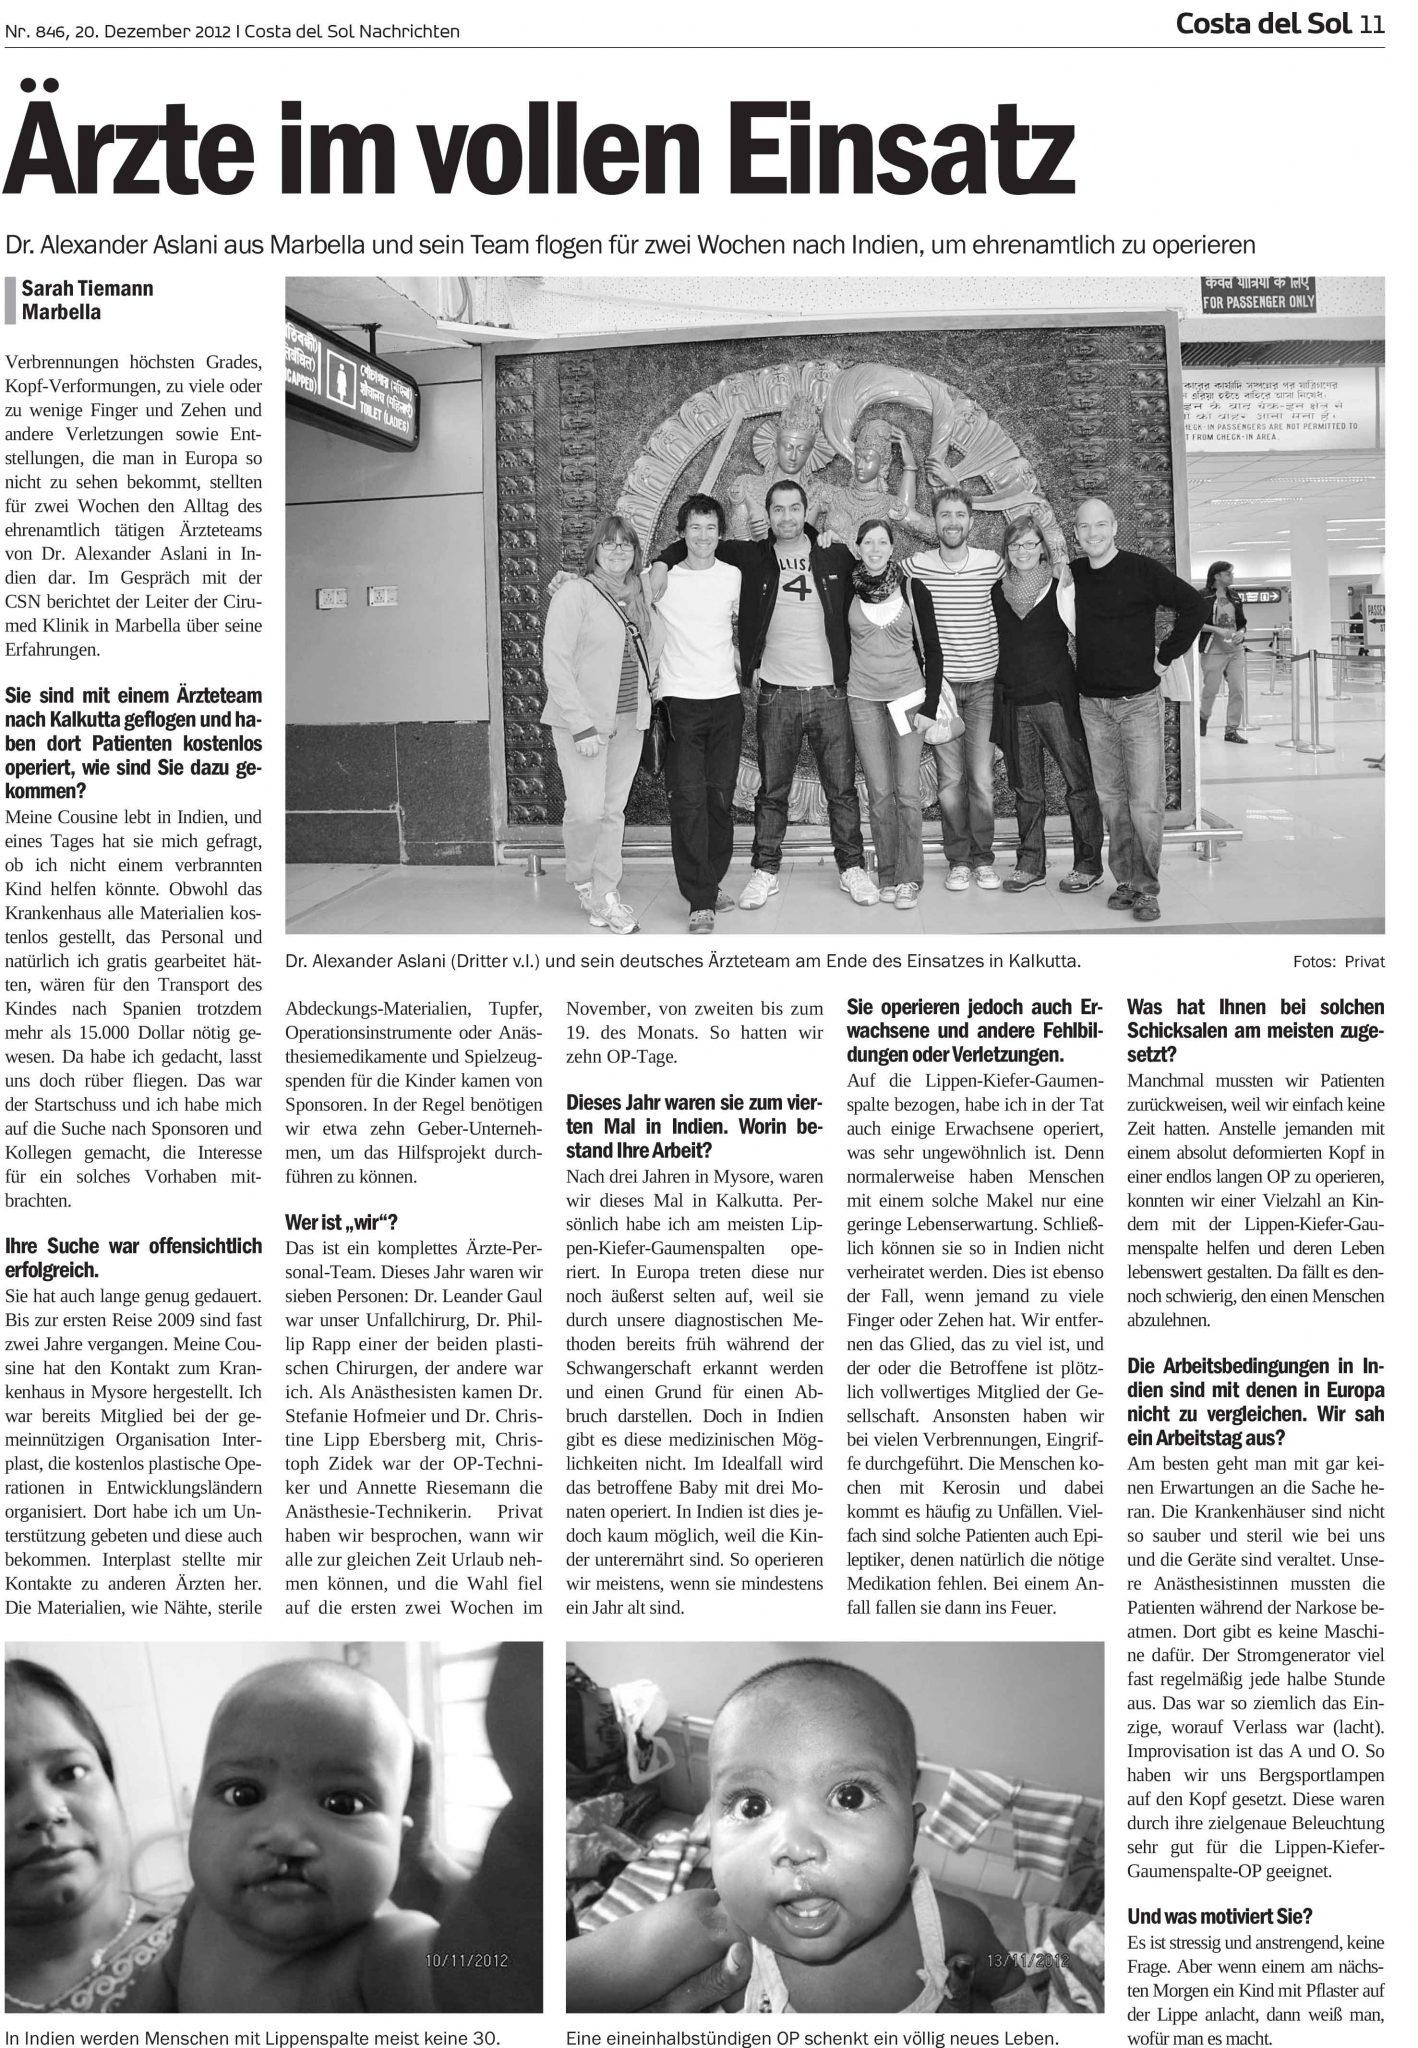 artikel-costa-del-sol-nachrichten